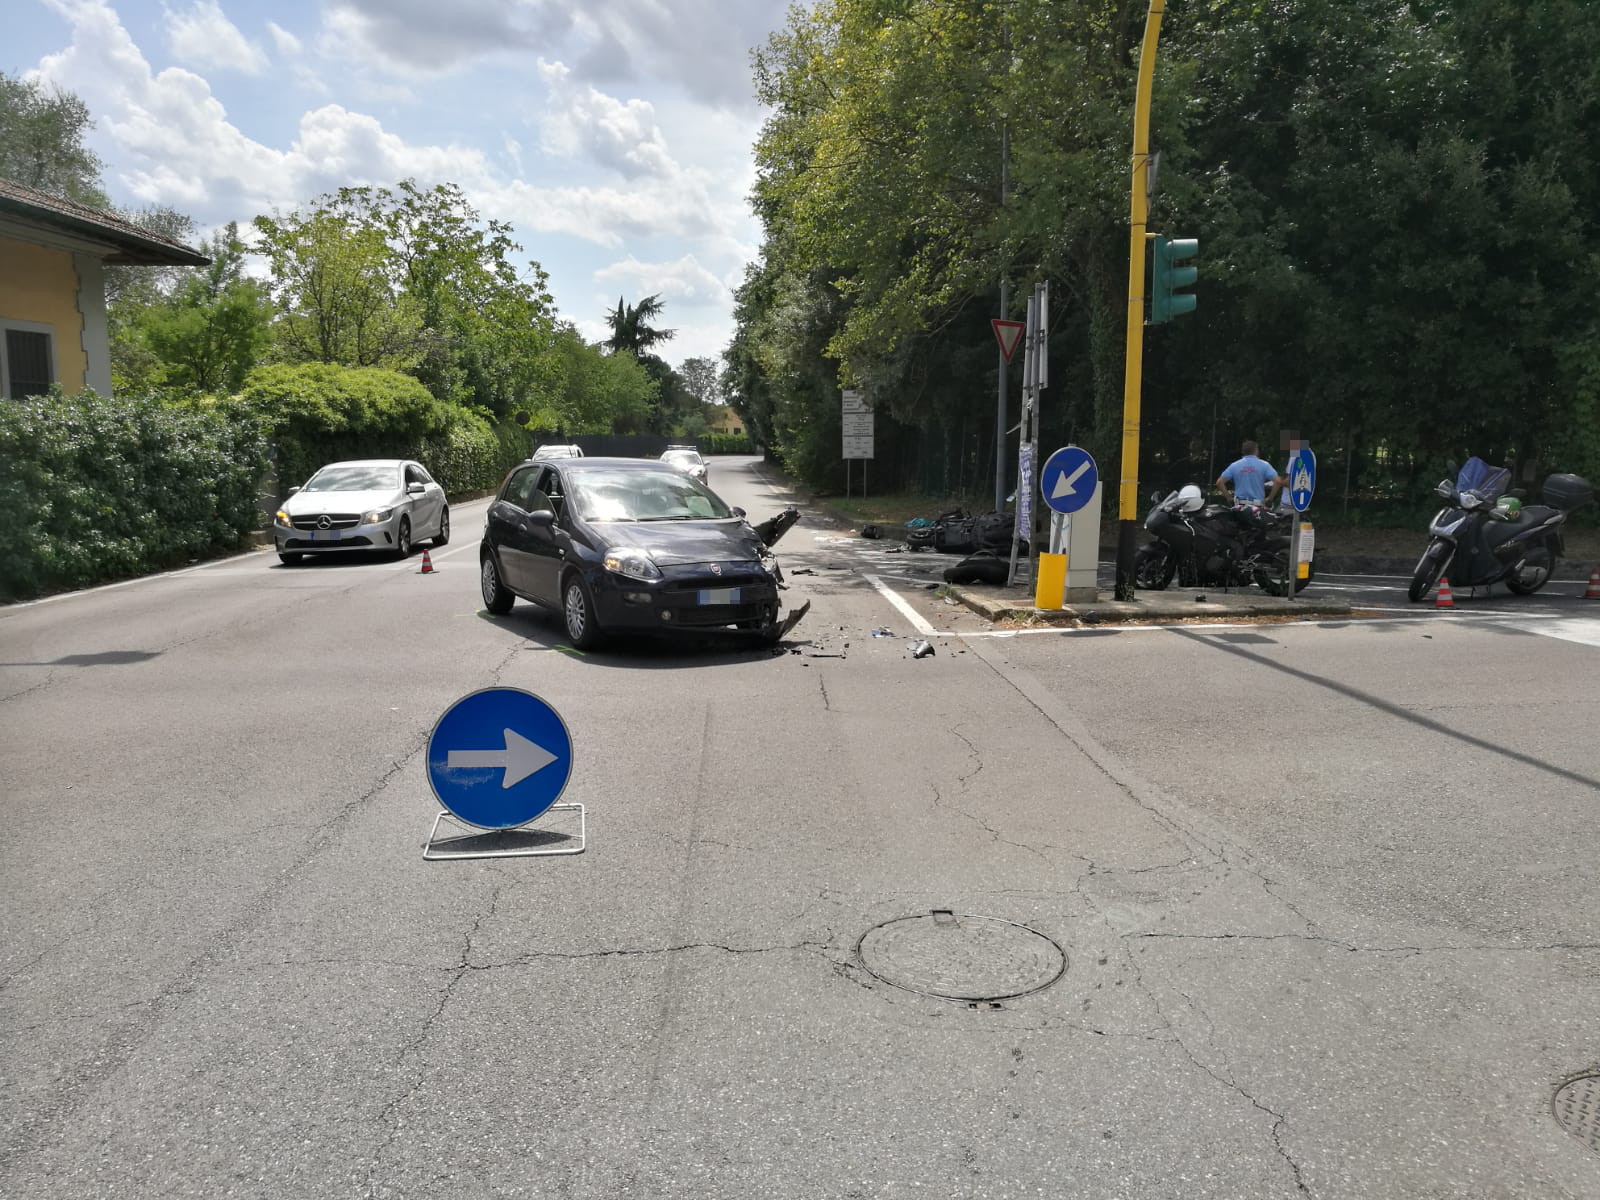 Incidente Via Togliatti (fonte foto comunicato stampa)